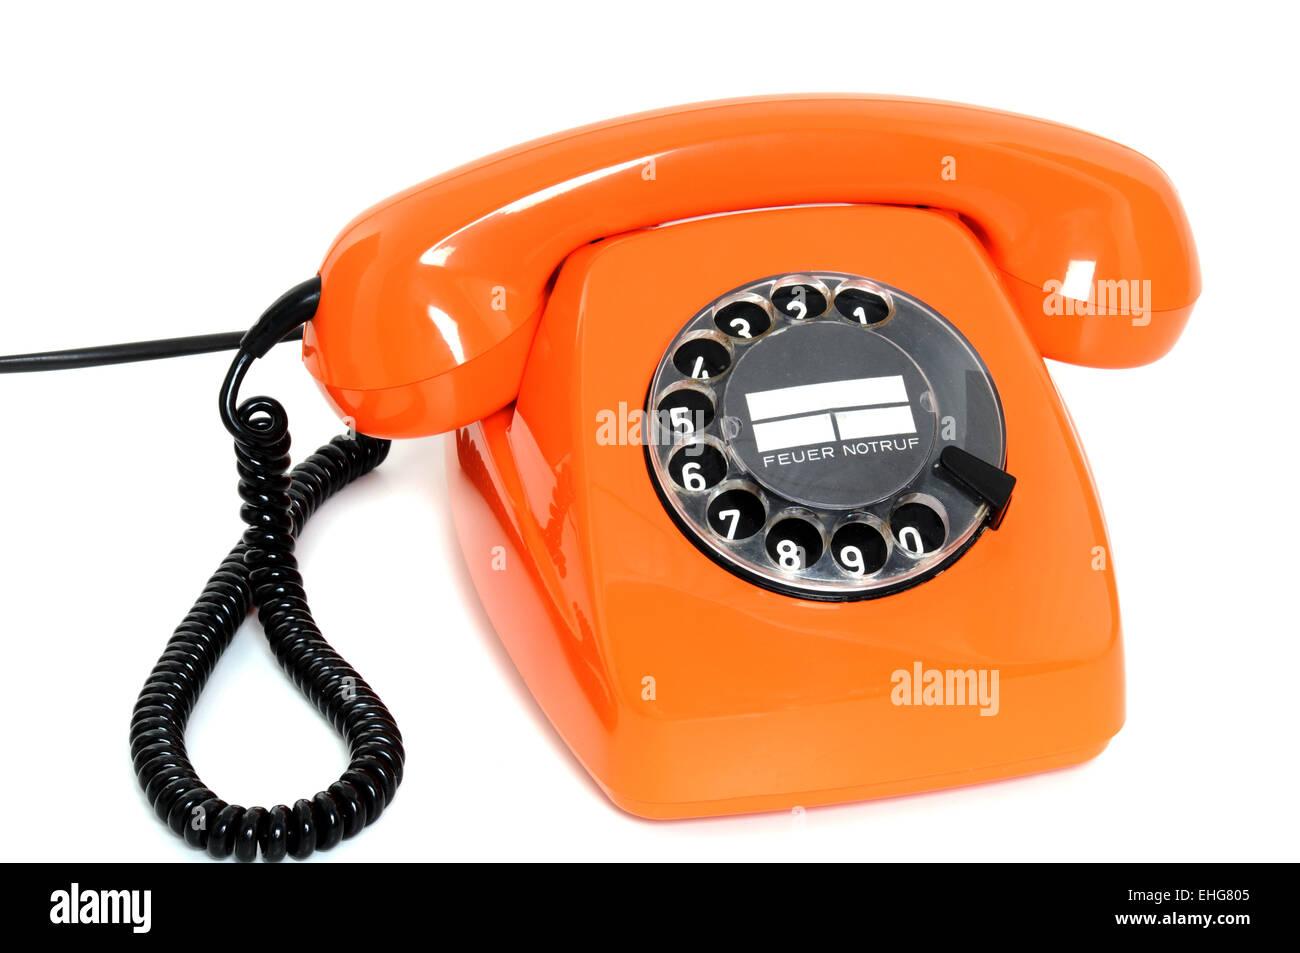 Telefon / Telephone - Stock Image